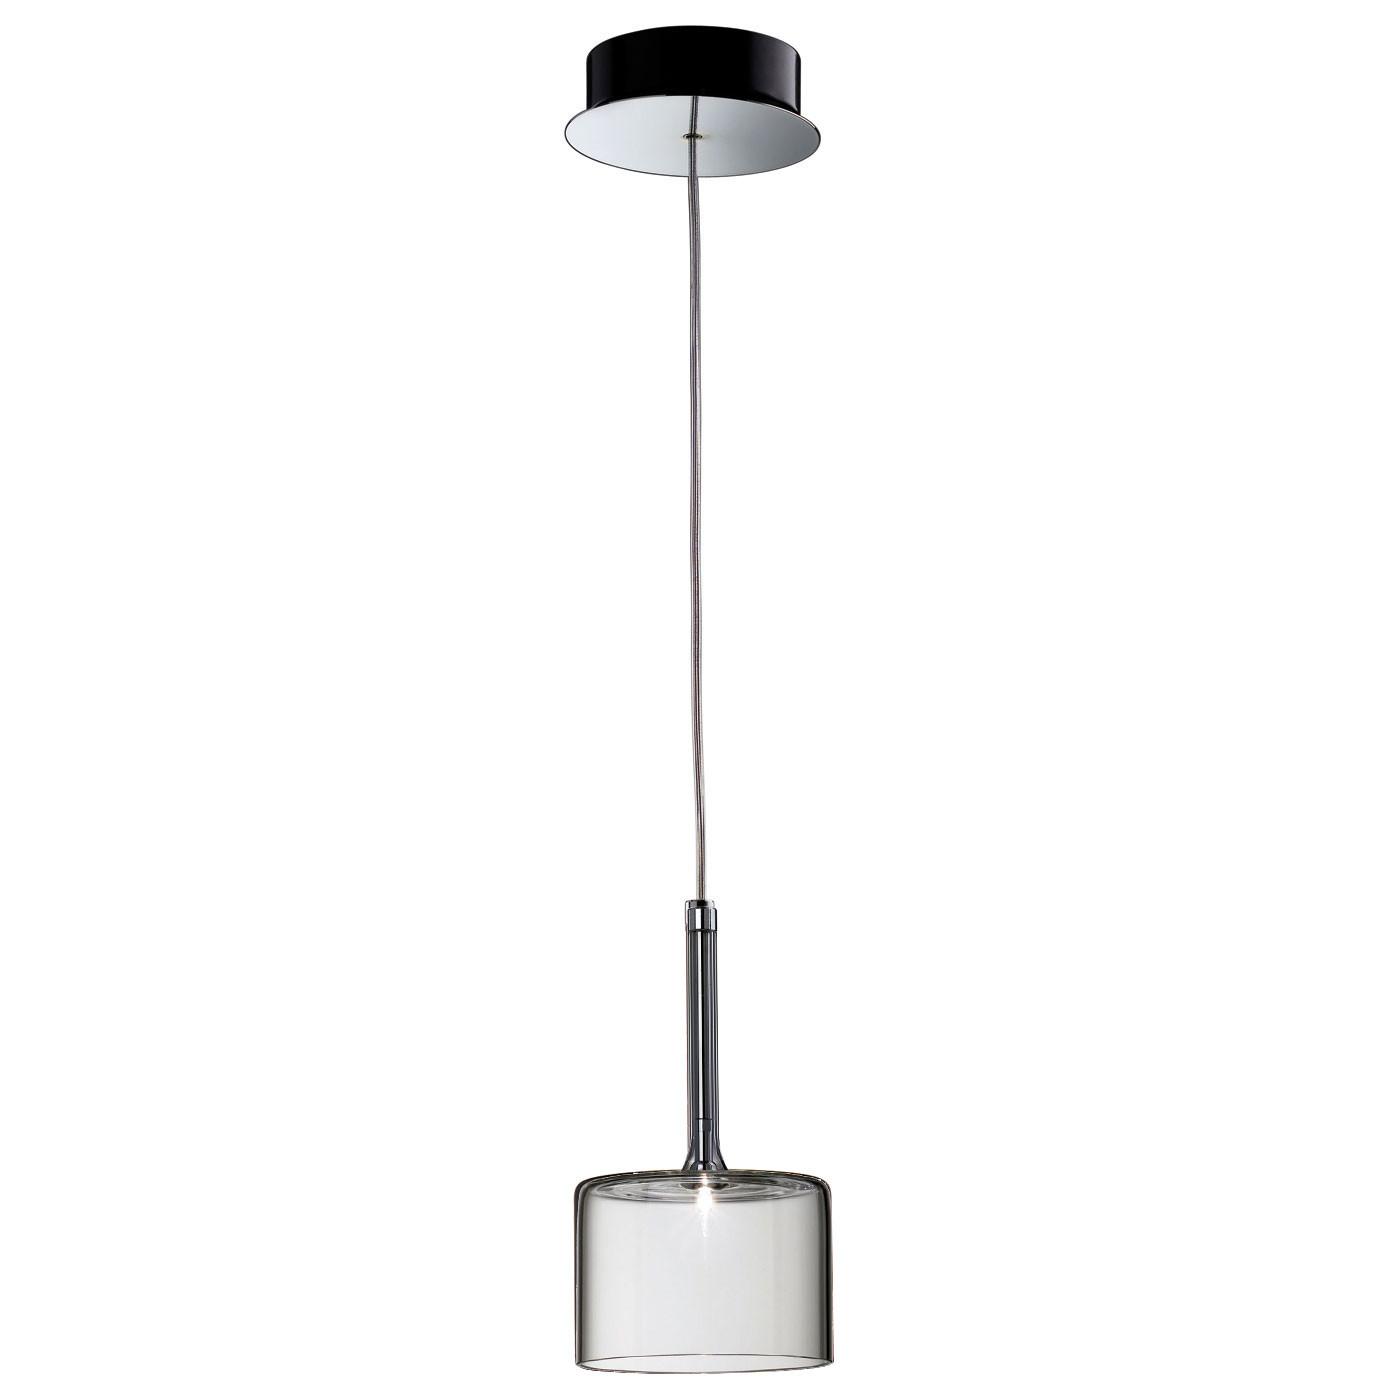 Axo Light Spillray SP G I